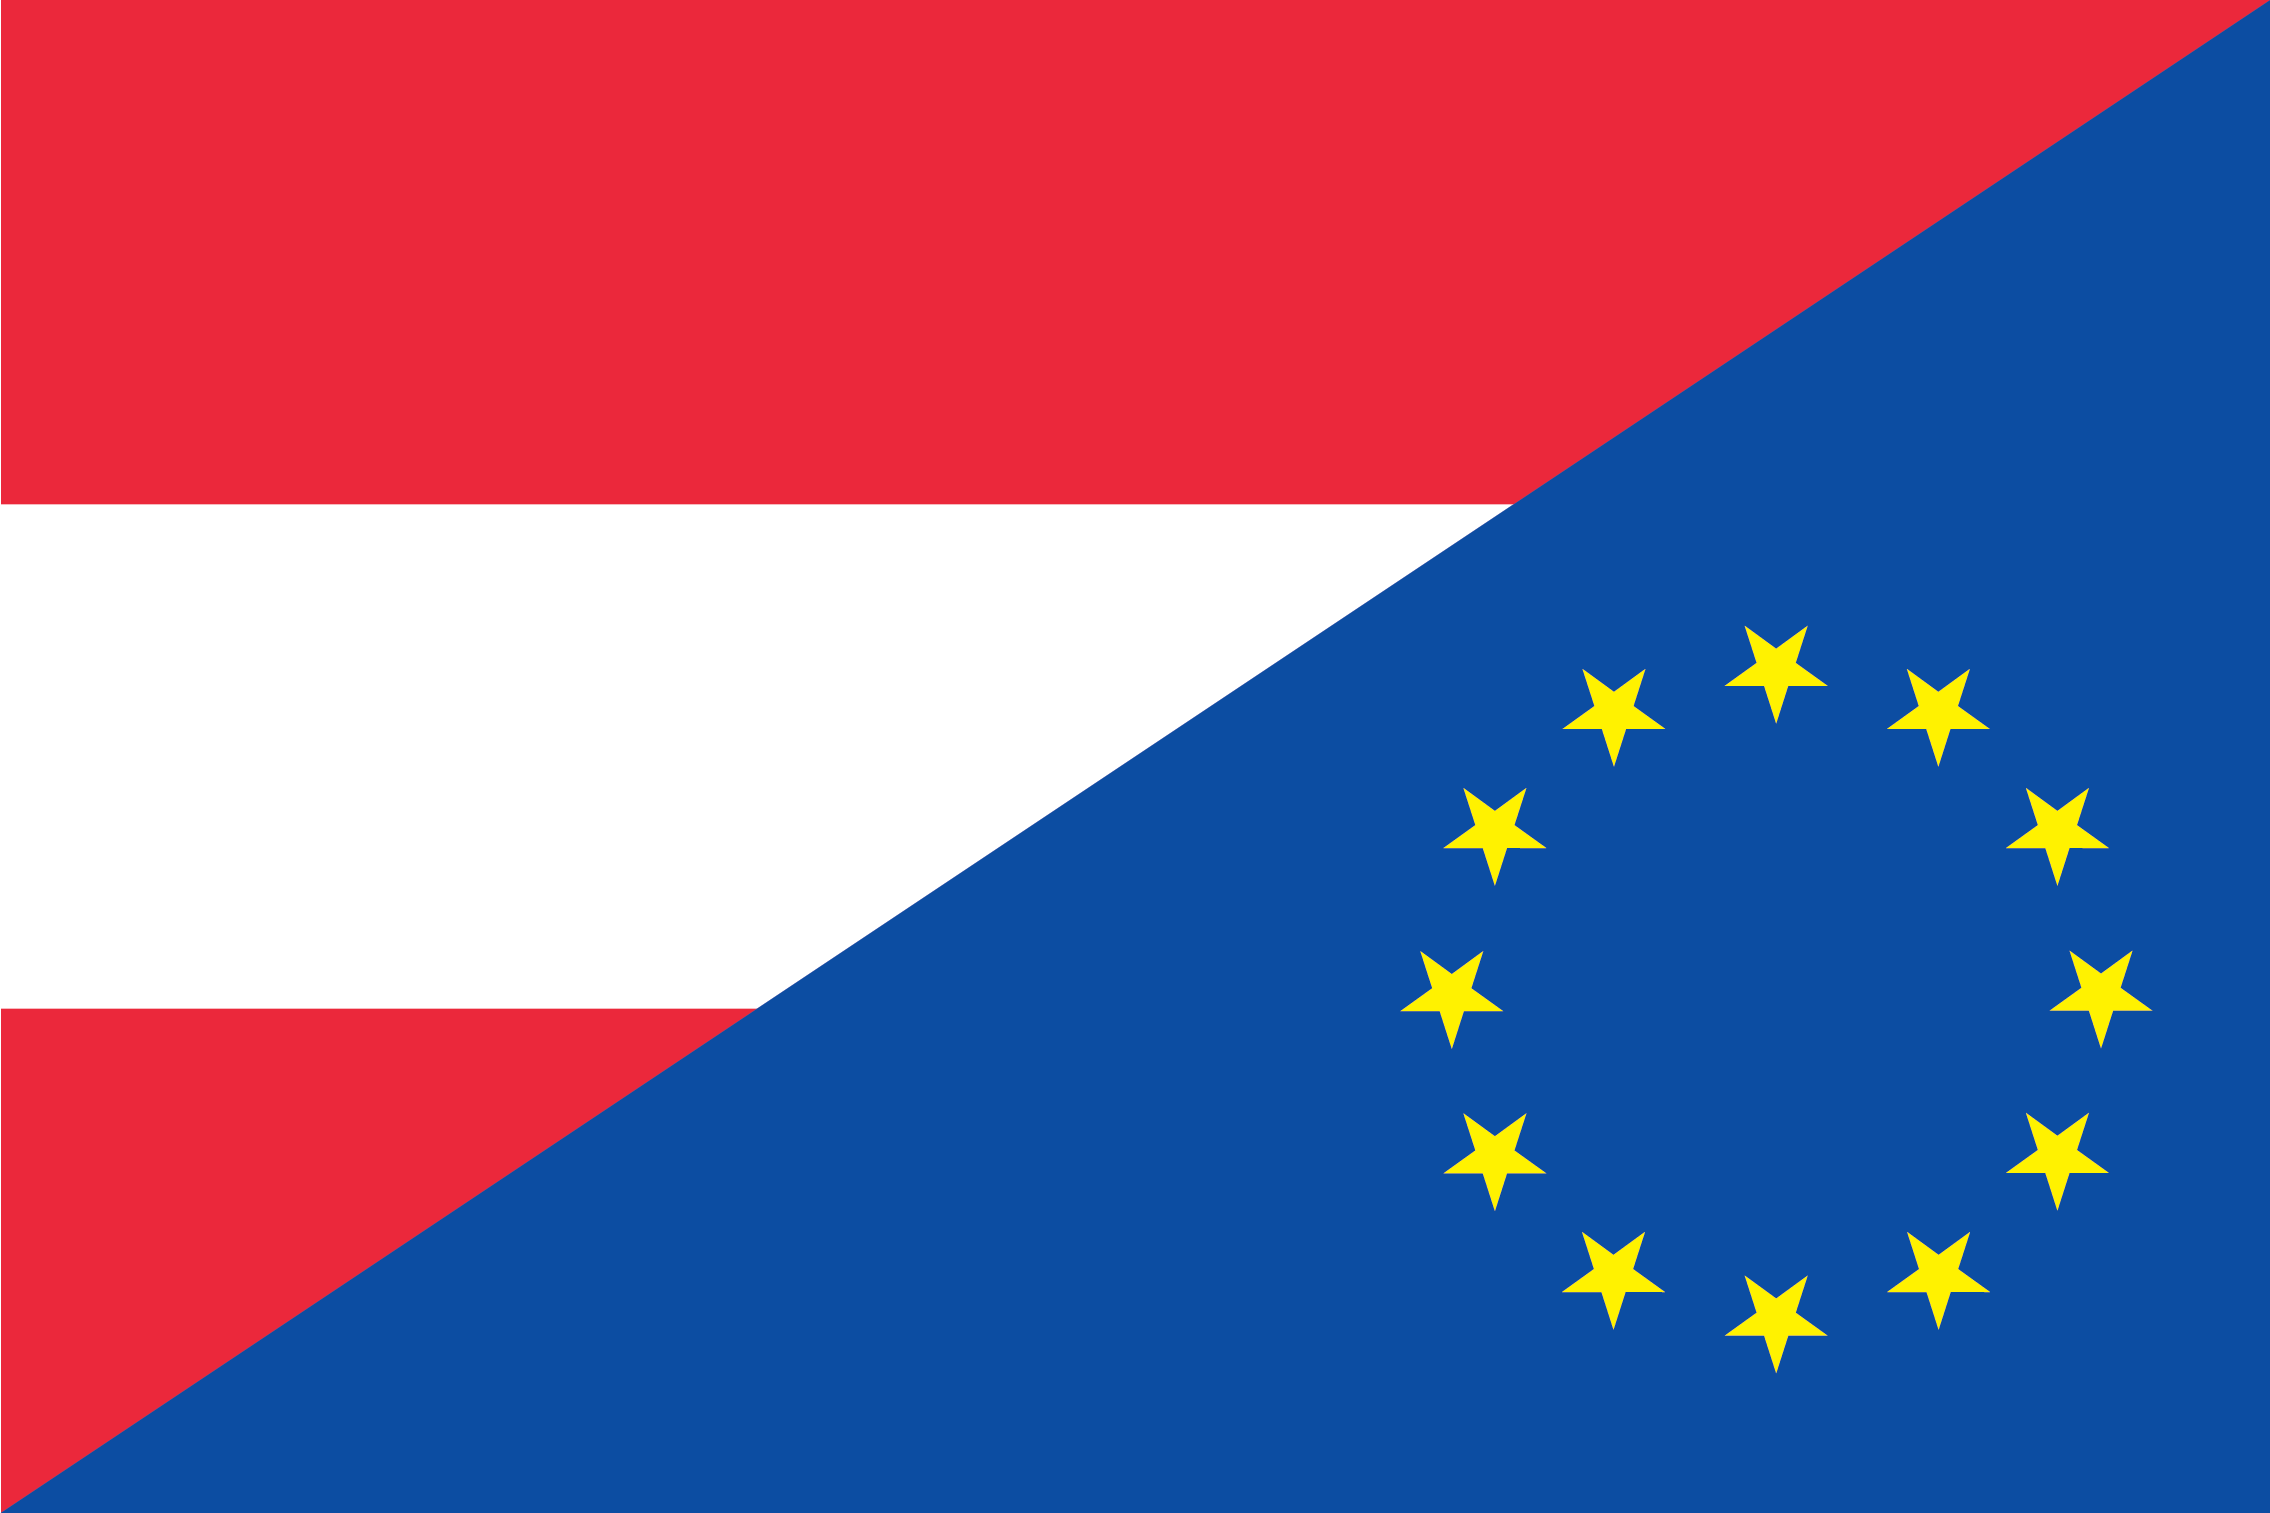 gemeindebund europa oesterreich flagge